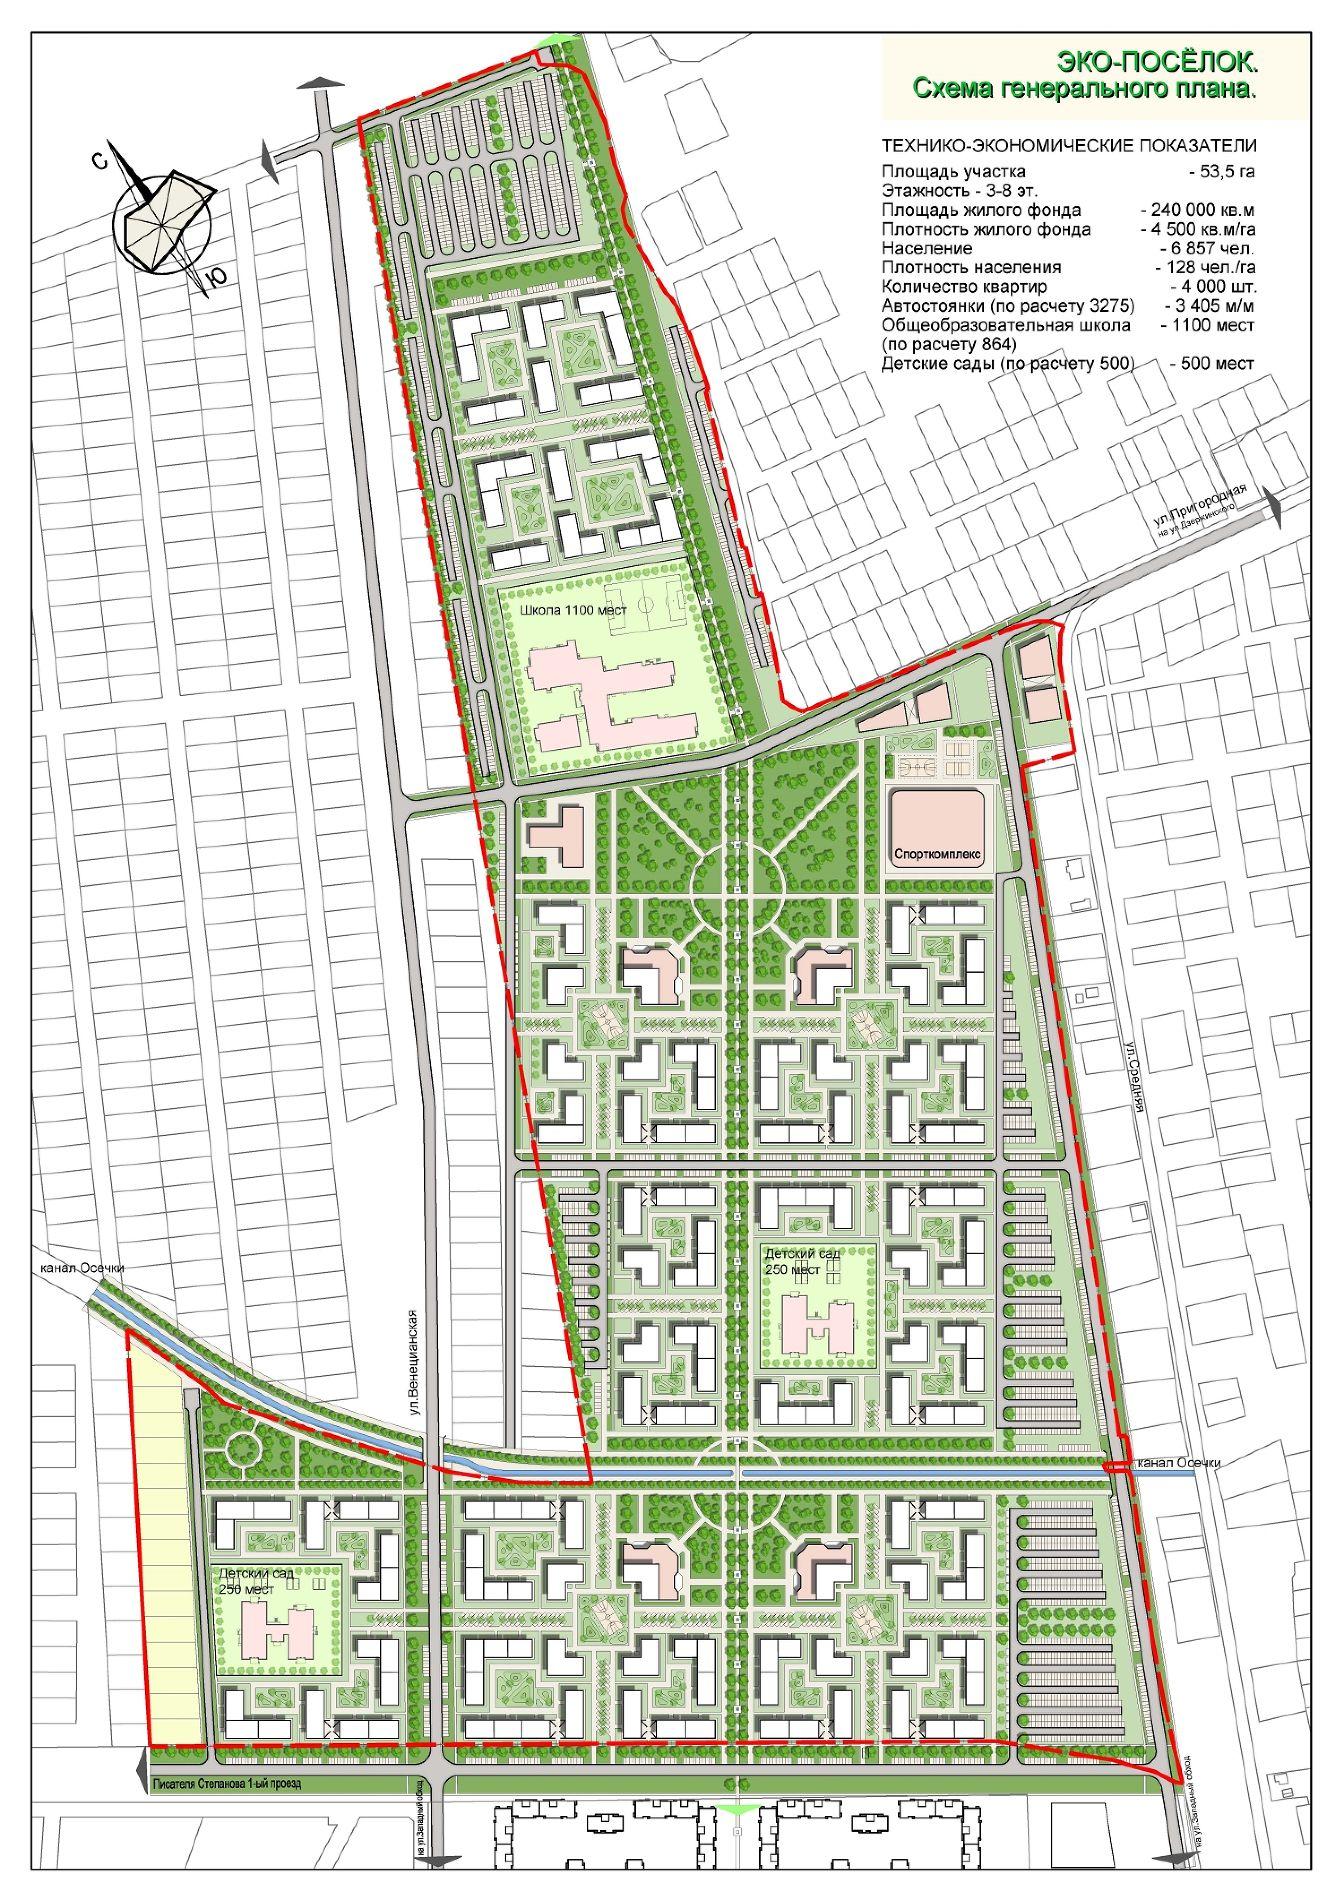 Схема генерального плана экопоселка